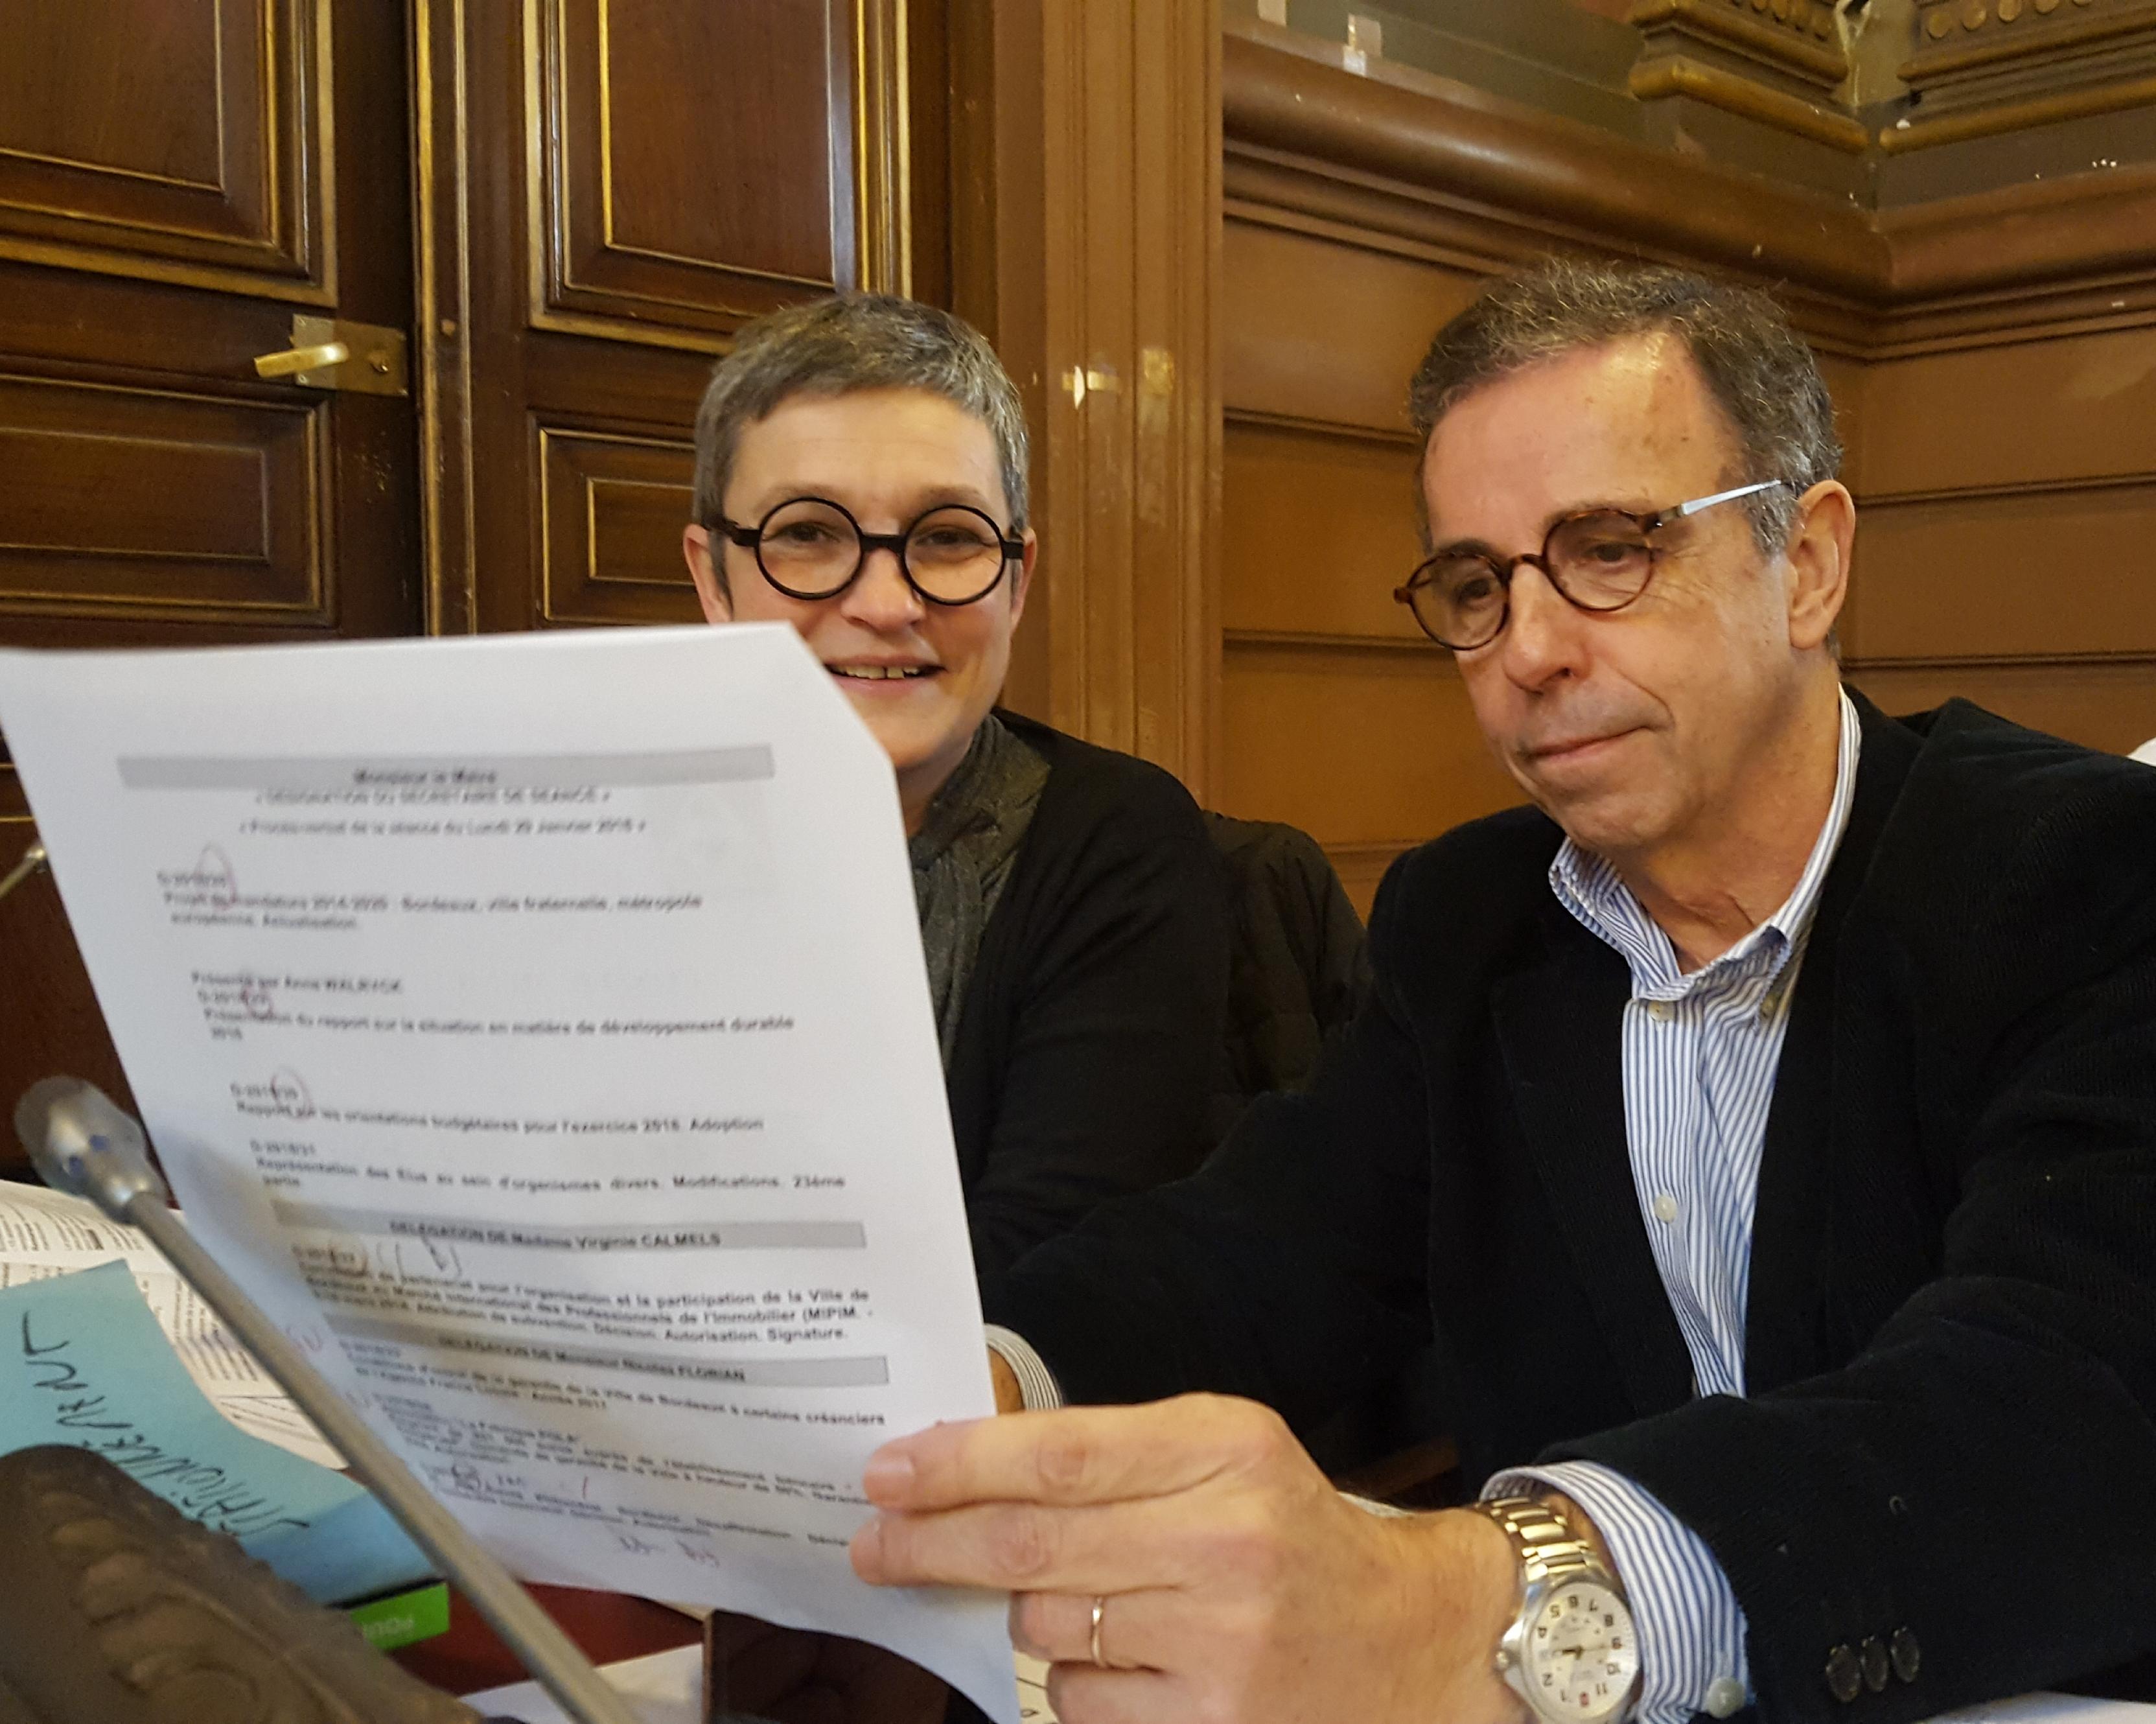 Pierre Hurmic Delphine Jamet conseil municipal de Bordeaux groupe écologiste